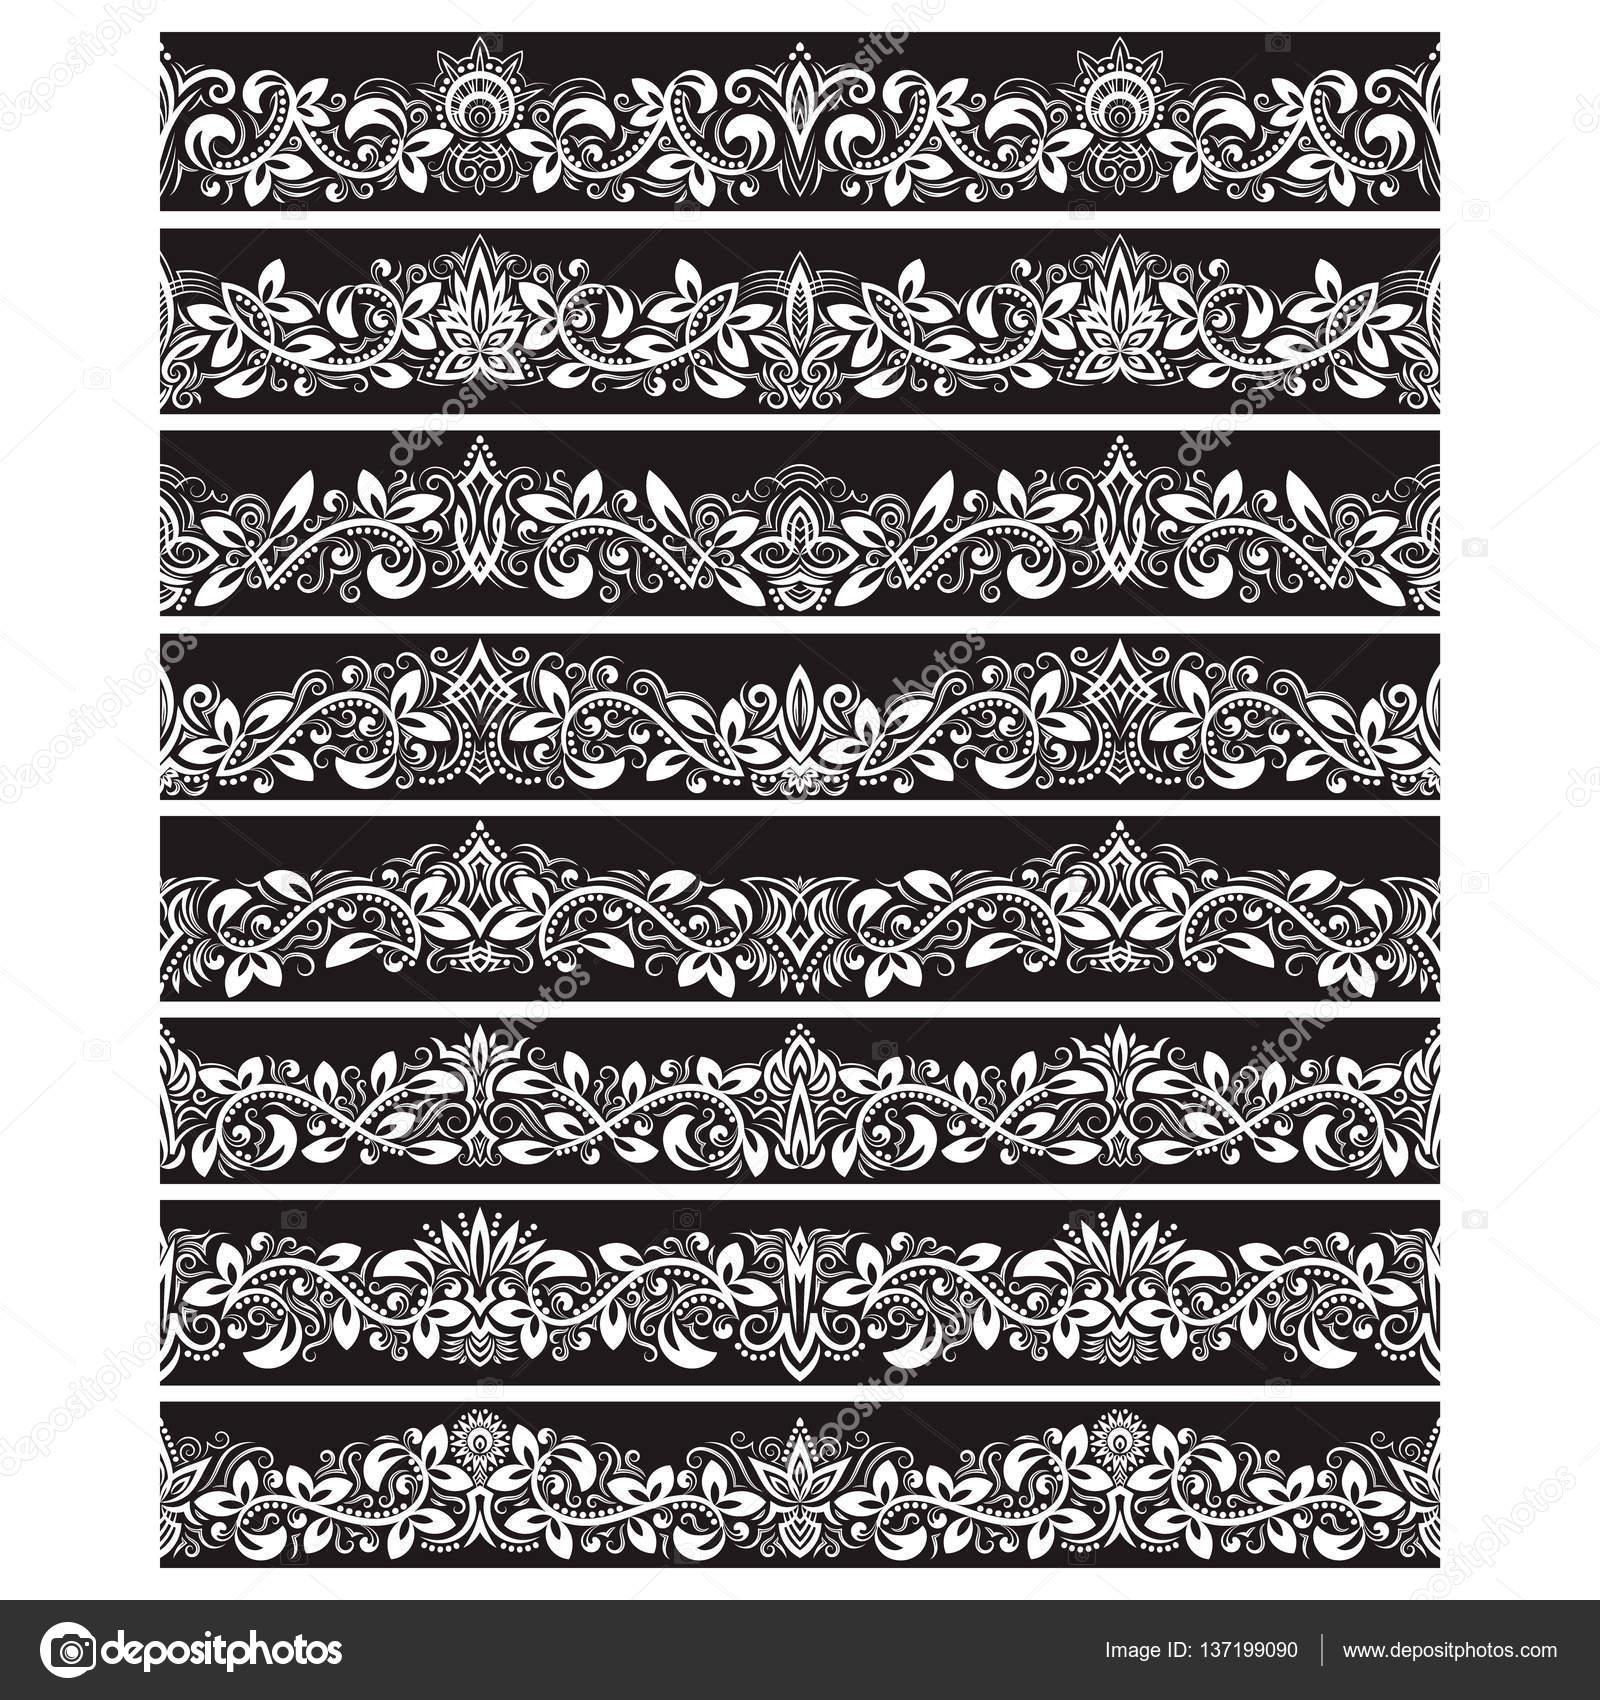 Schwarz weiße Vintage-Elemente für Vektor-Pinsel erstellen. Grenzen ...